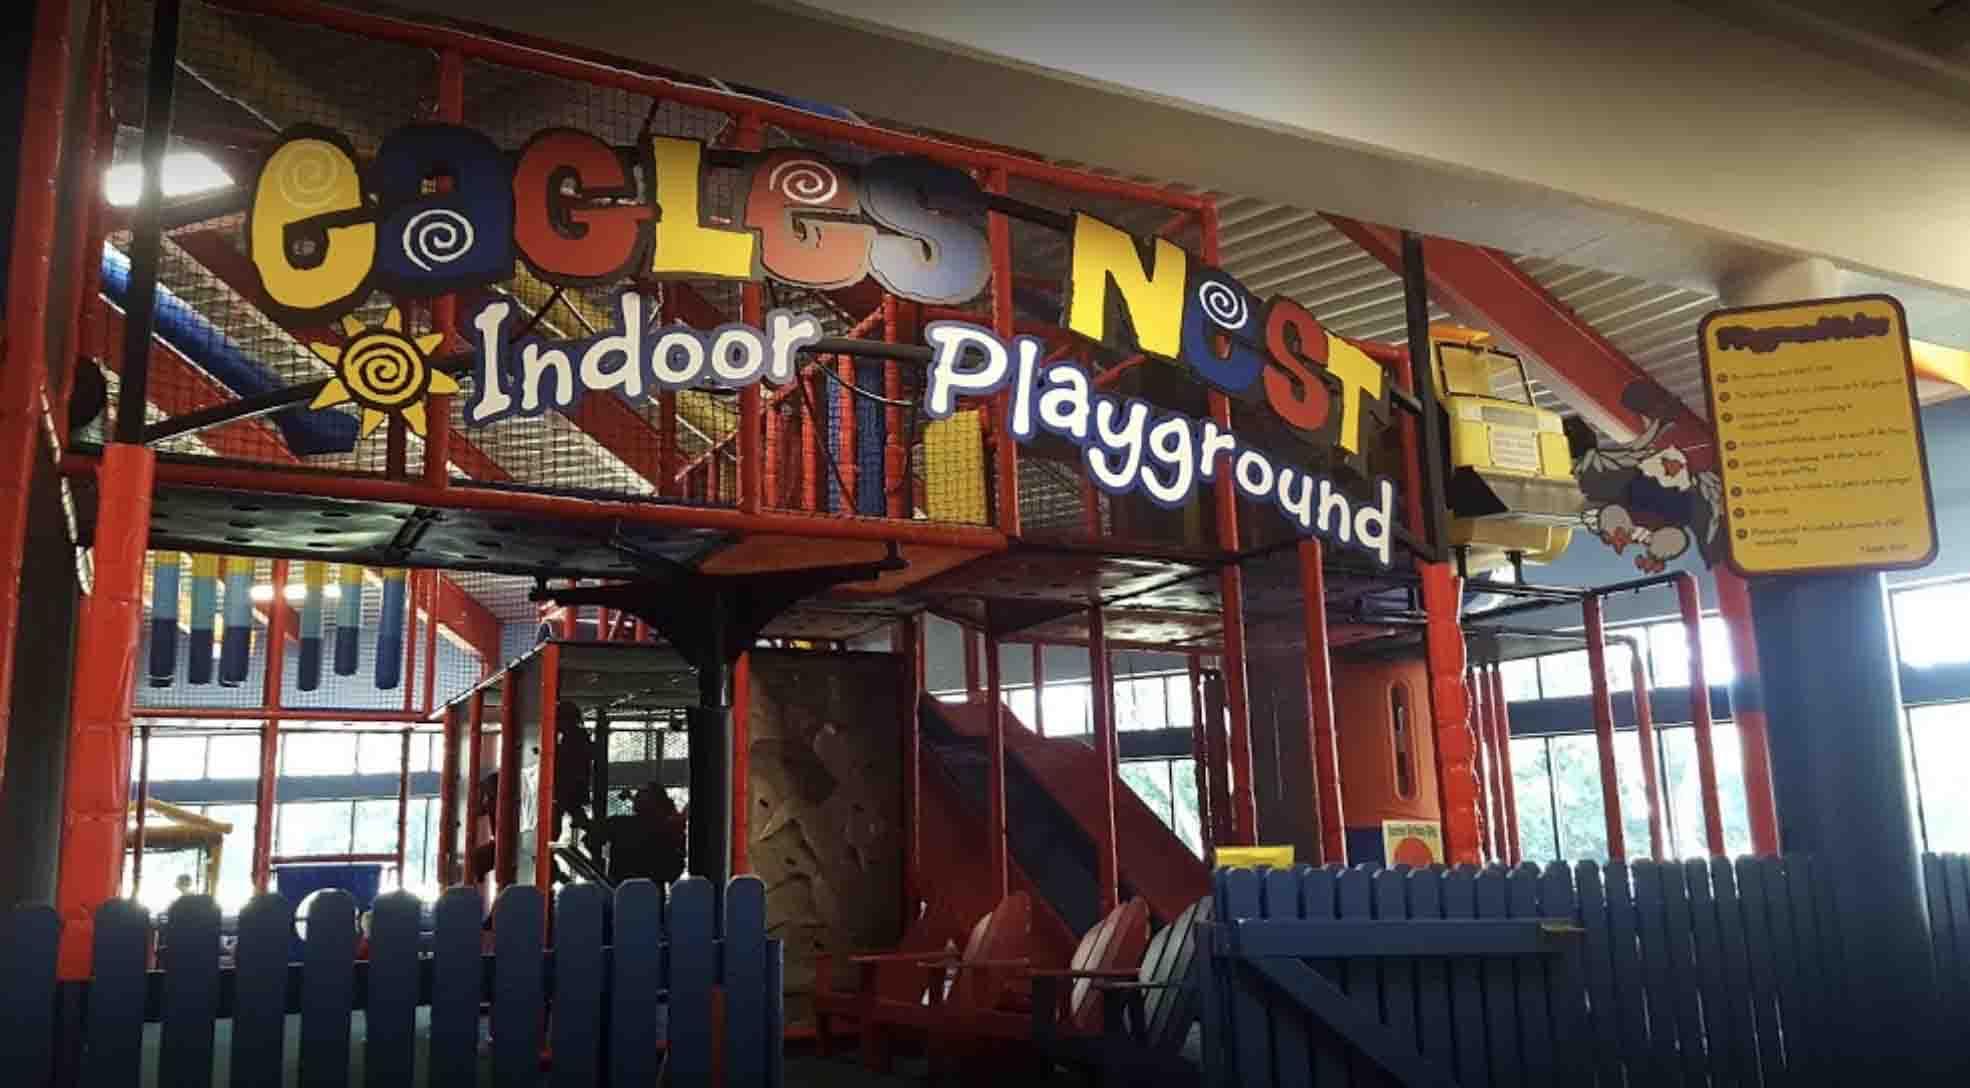 Eagles Nest Indoor Playground